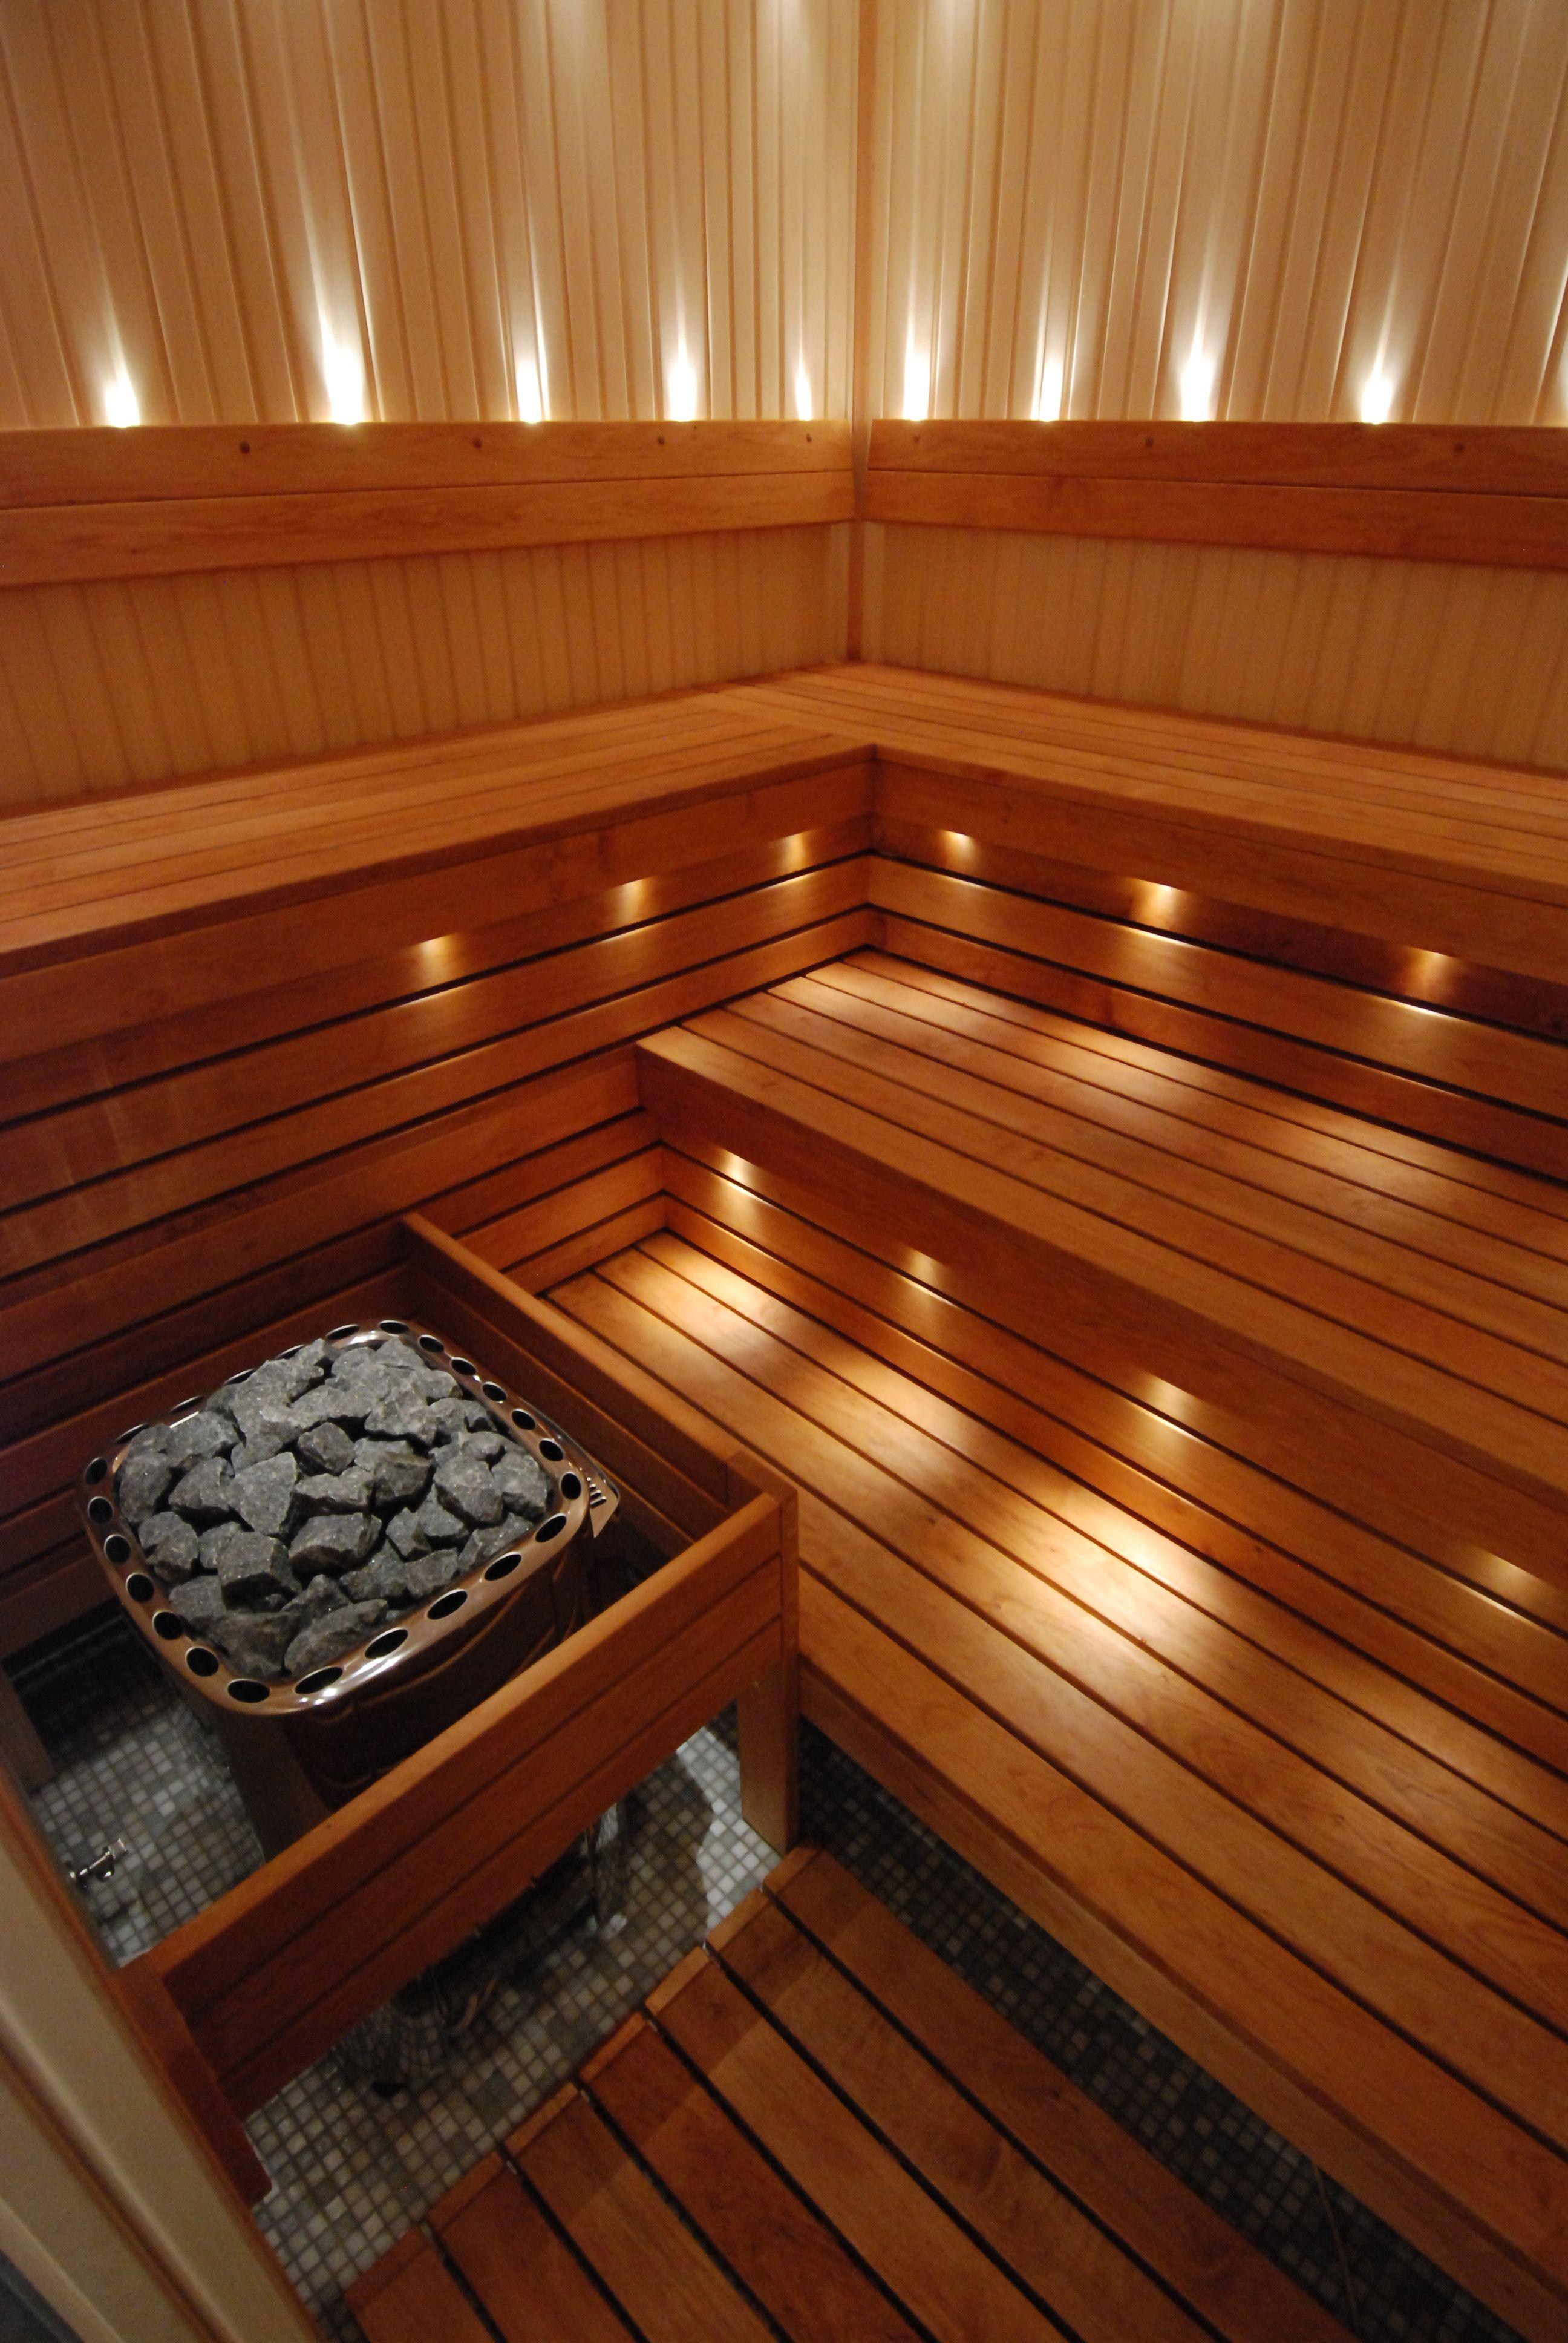 Sauna Details In 2019: Sauna Details In 2019